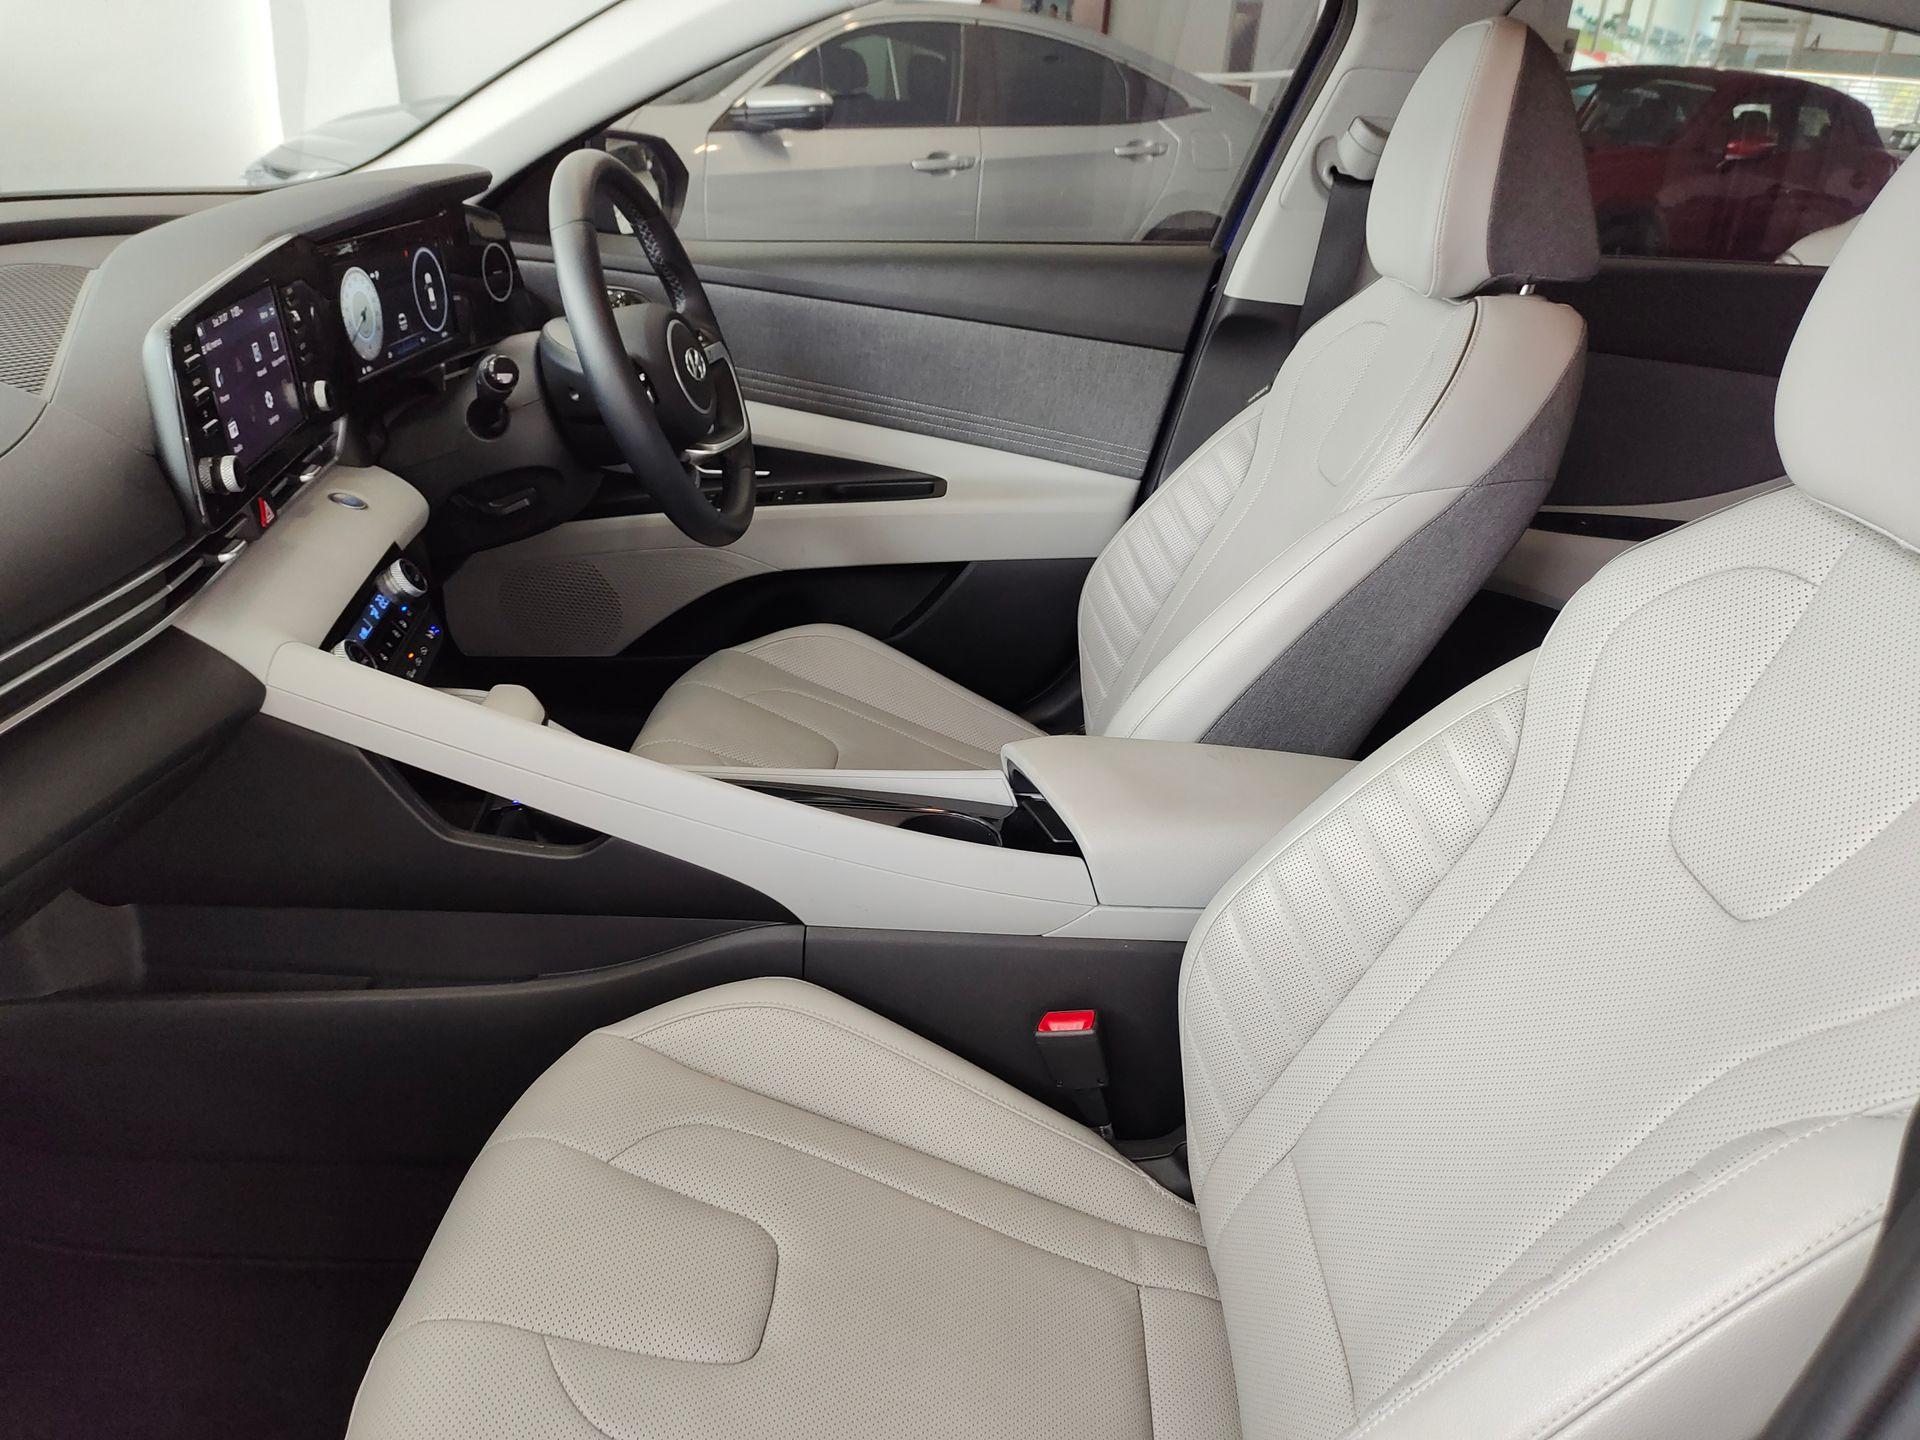 2020 Hyundai Elantra 1.6 Auto